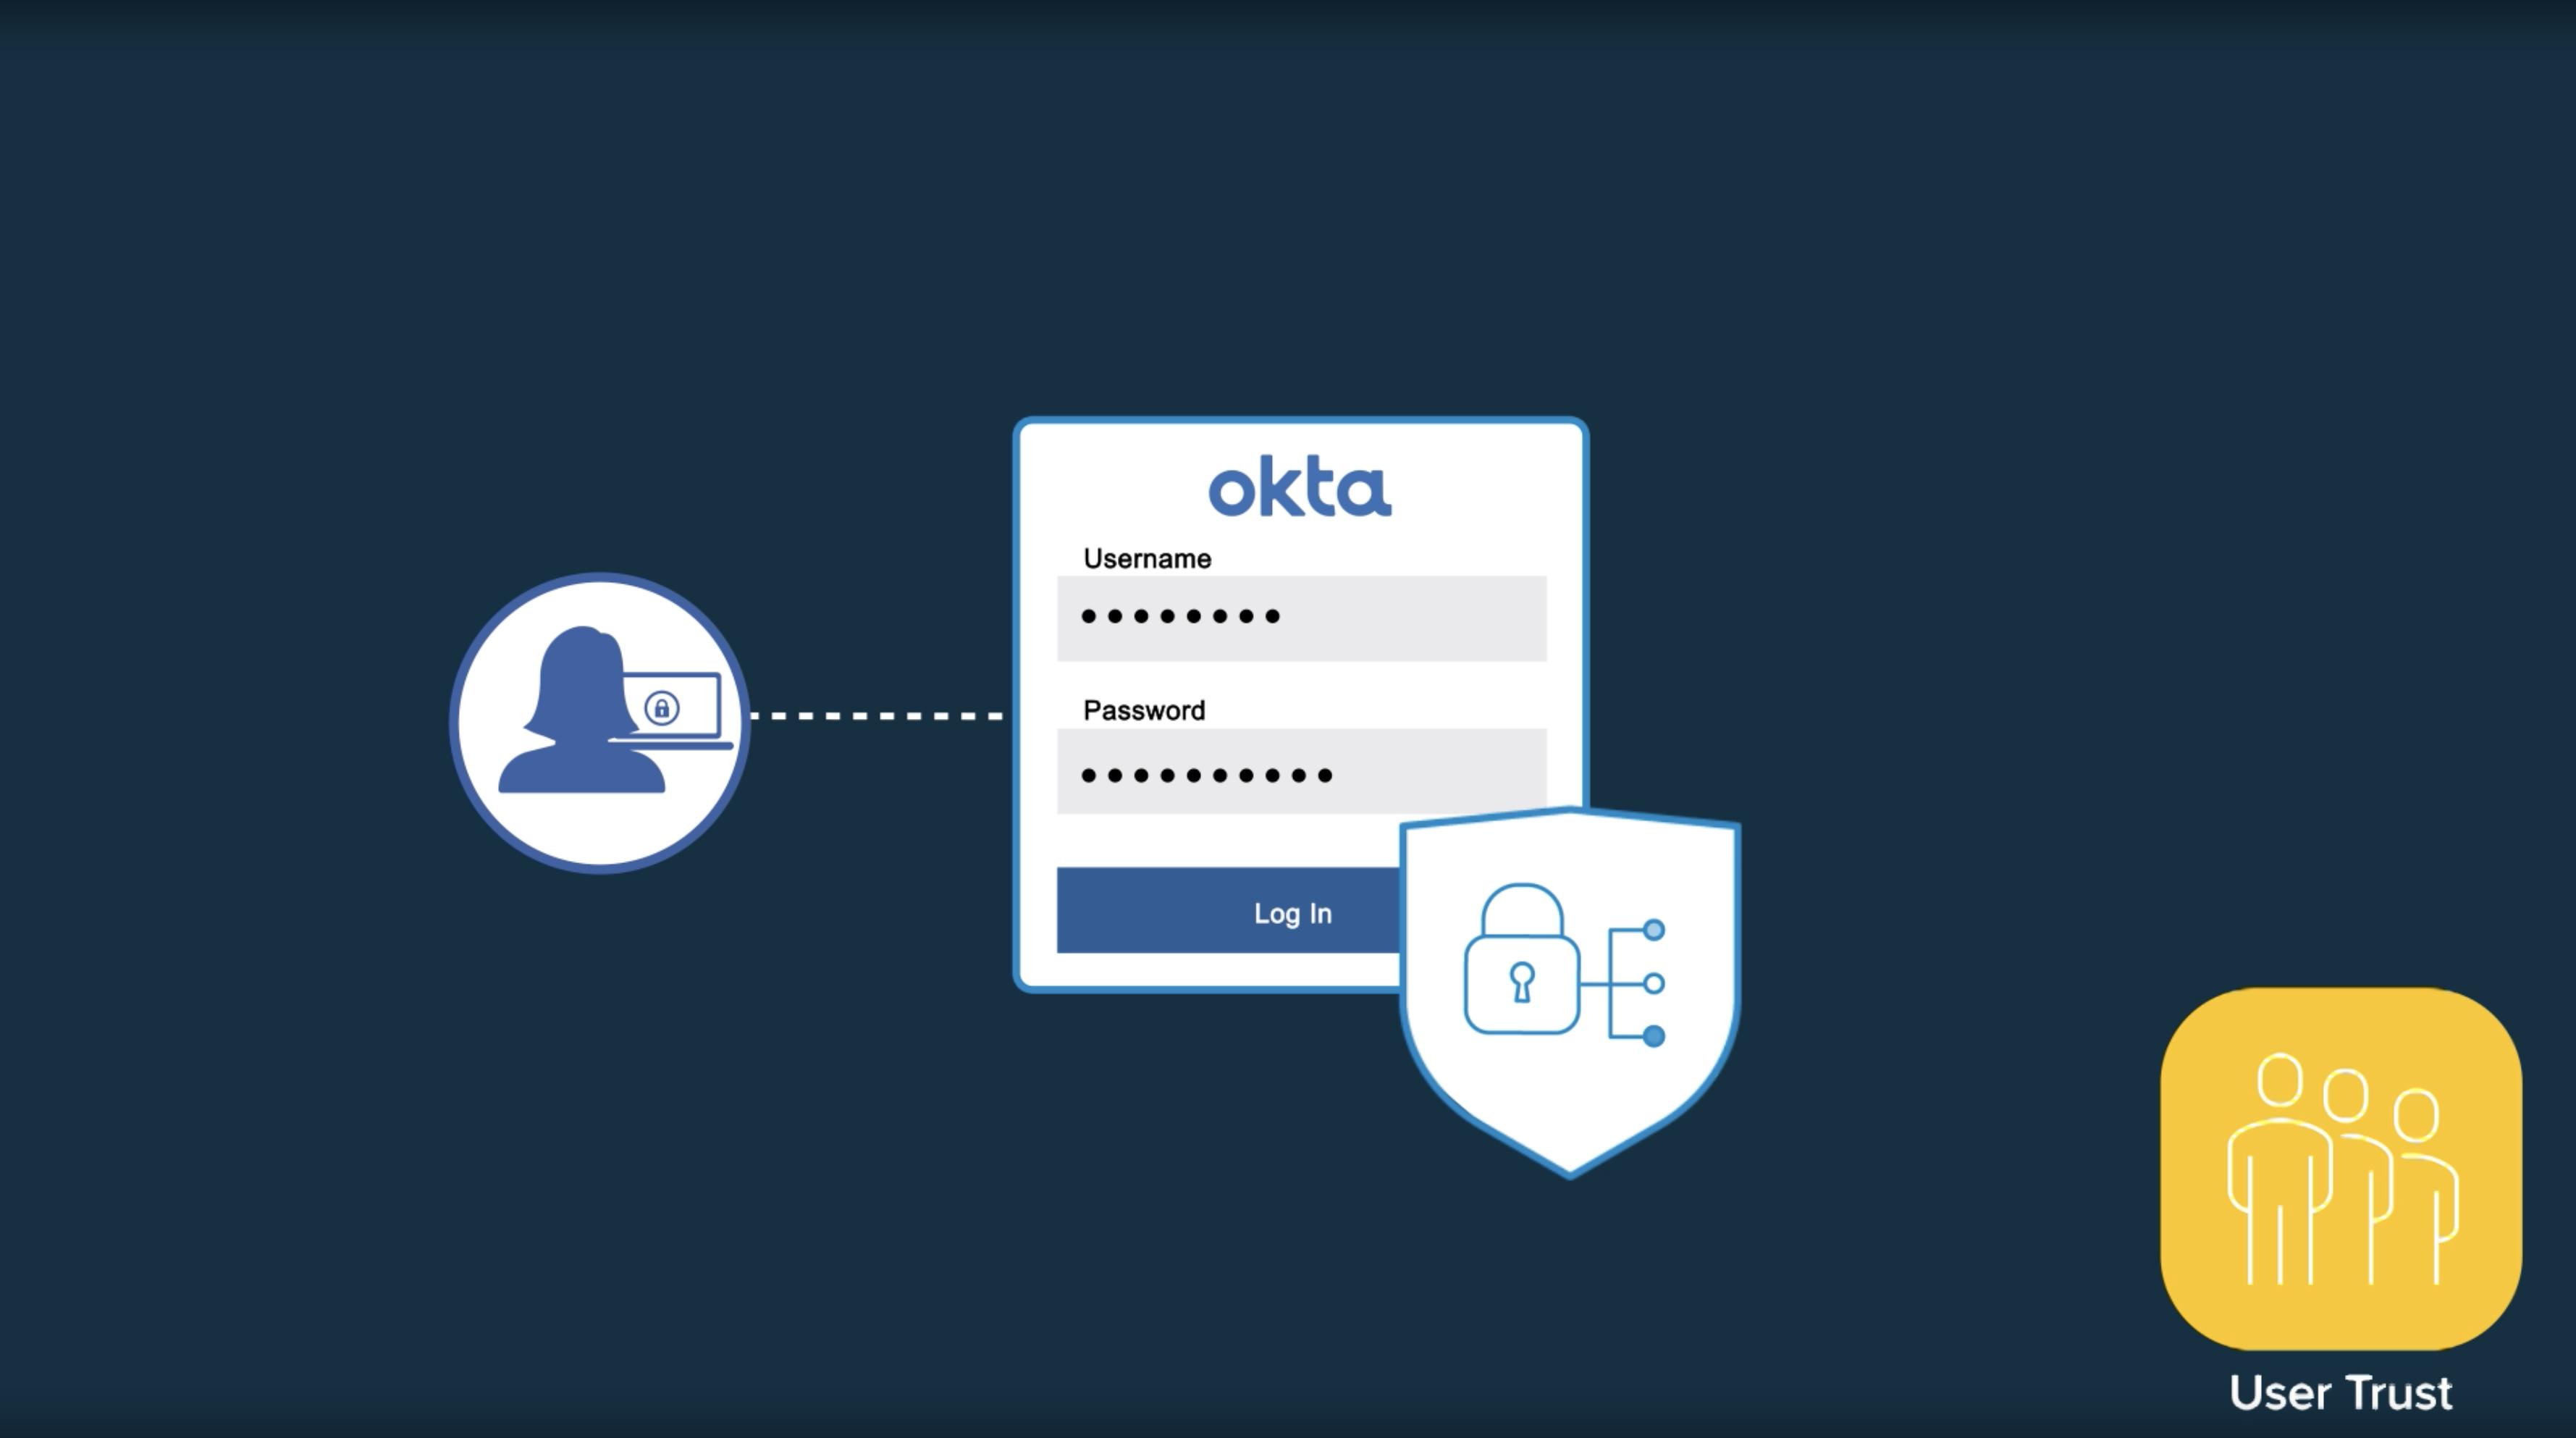 Okta secured